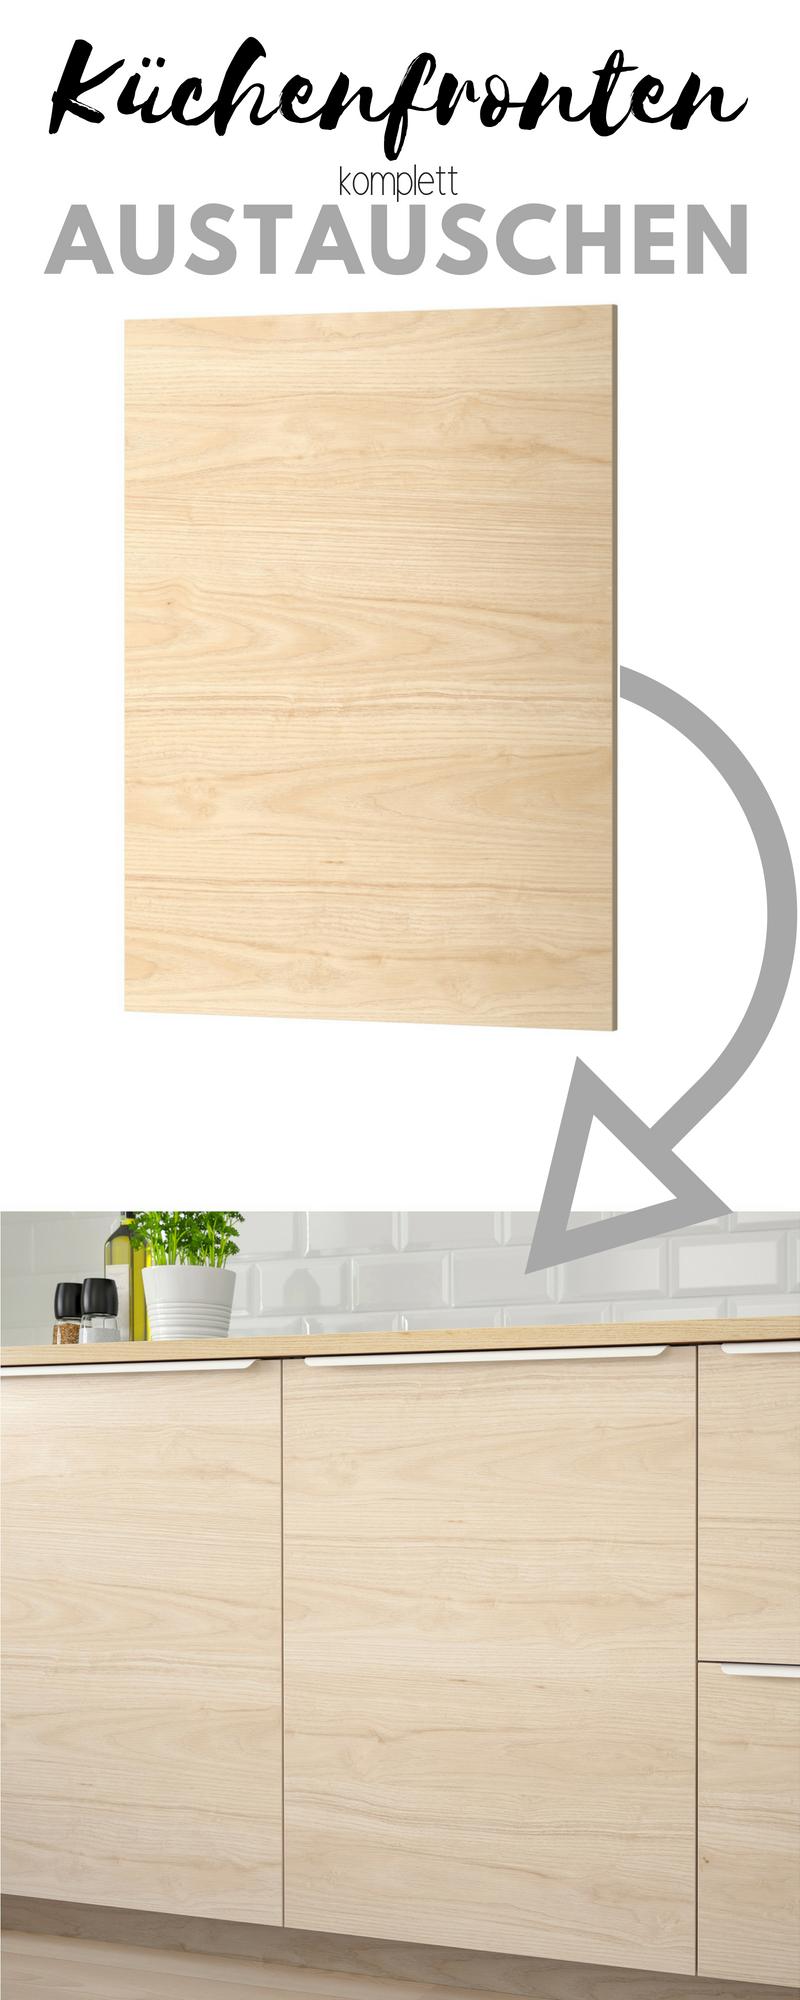 Küchenfronten austauschen: Bestellen Sie neue Fronten direkt aus Internet